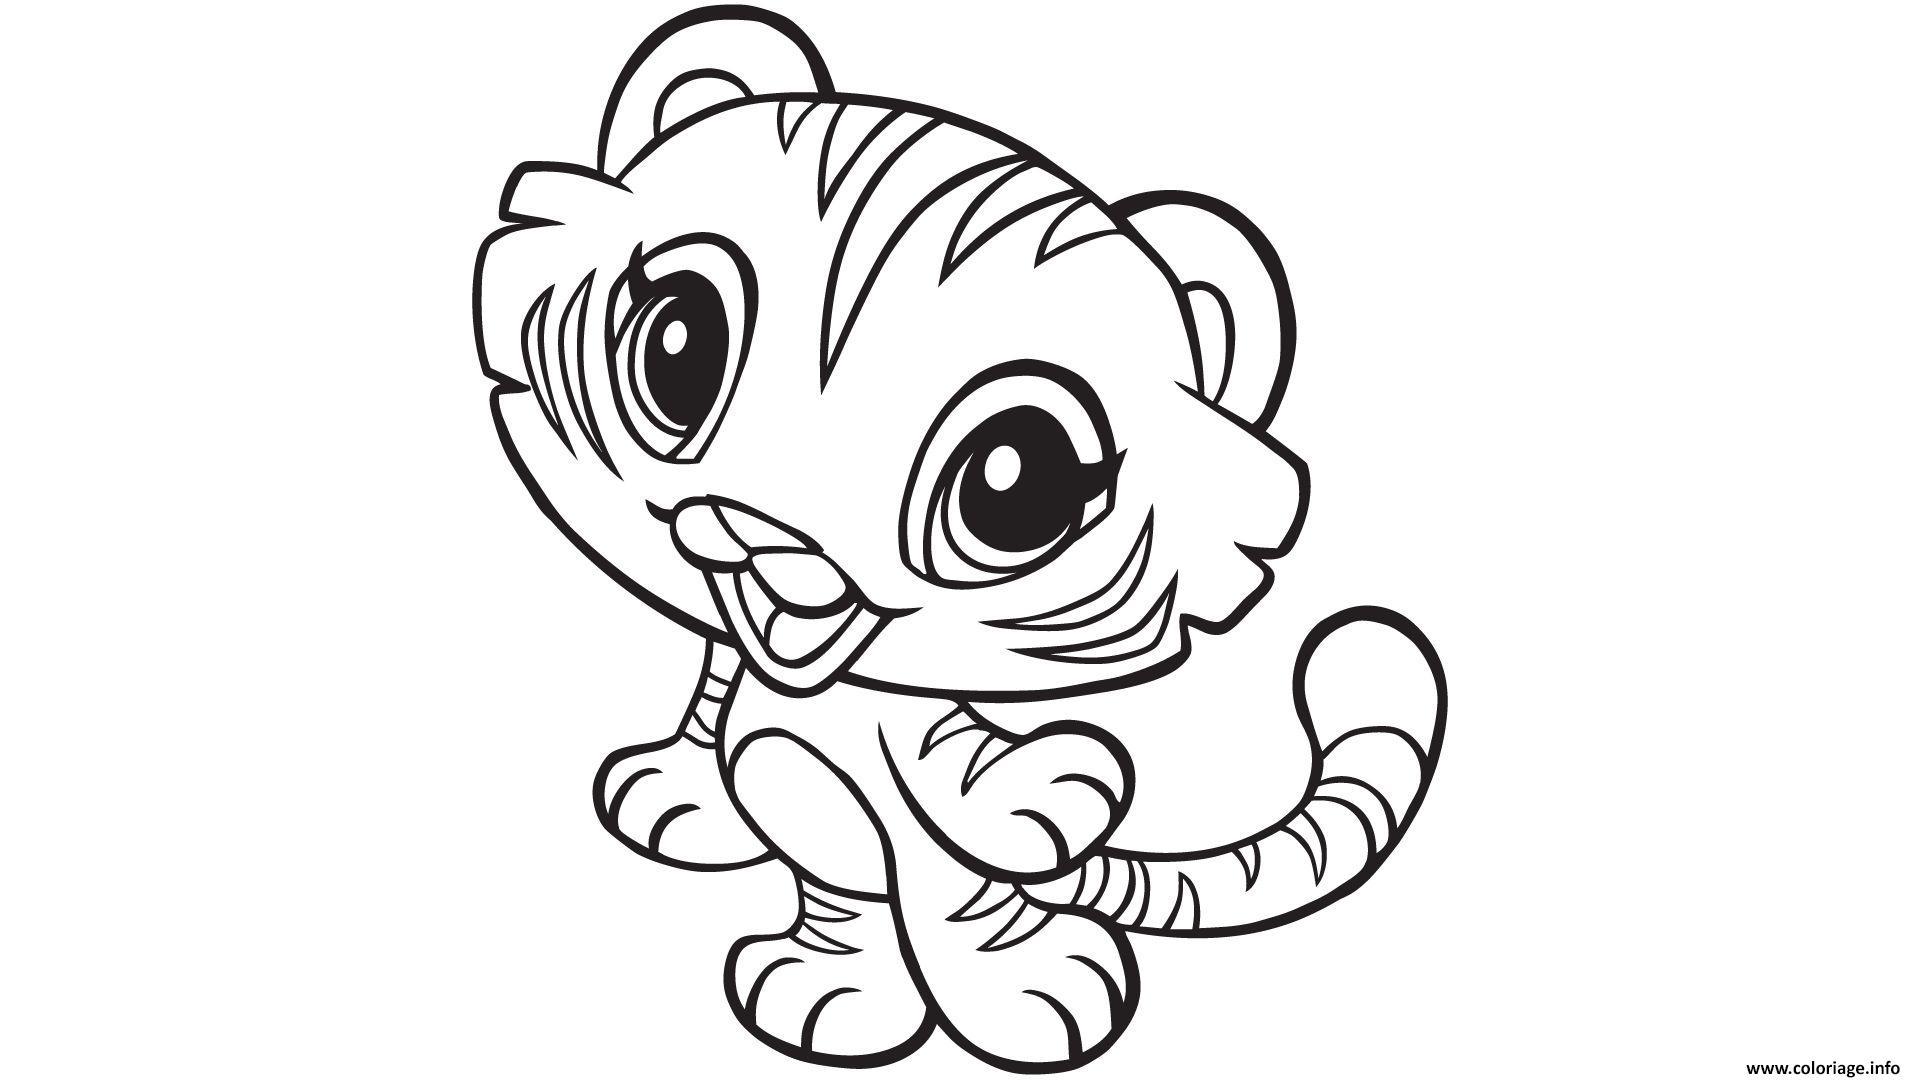 Nouveau Dessin à Colorier De Tigre